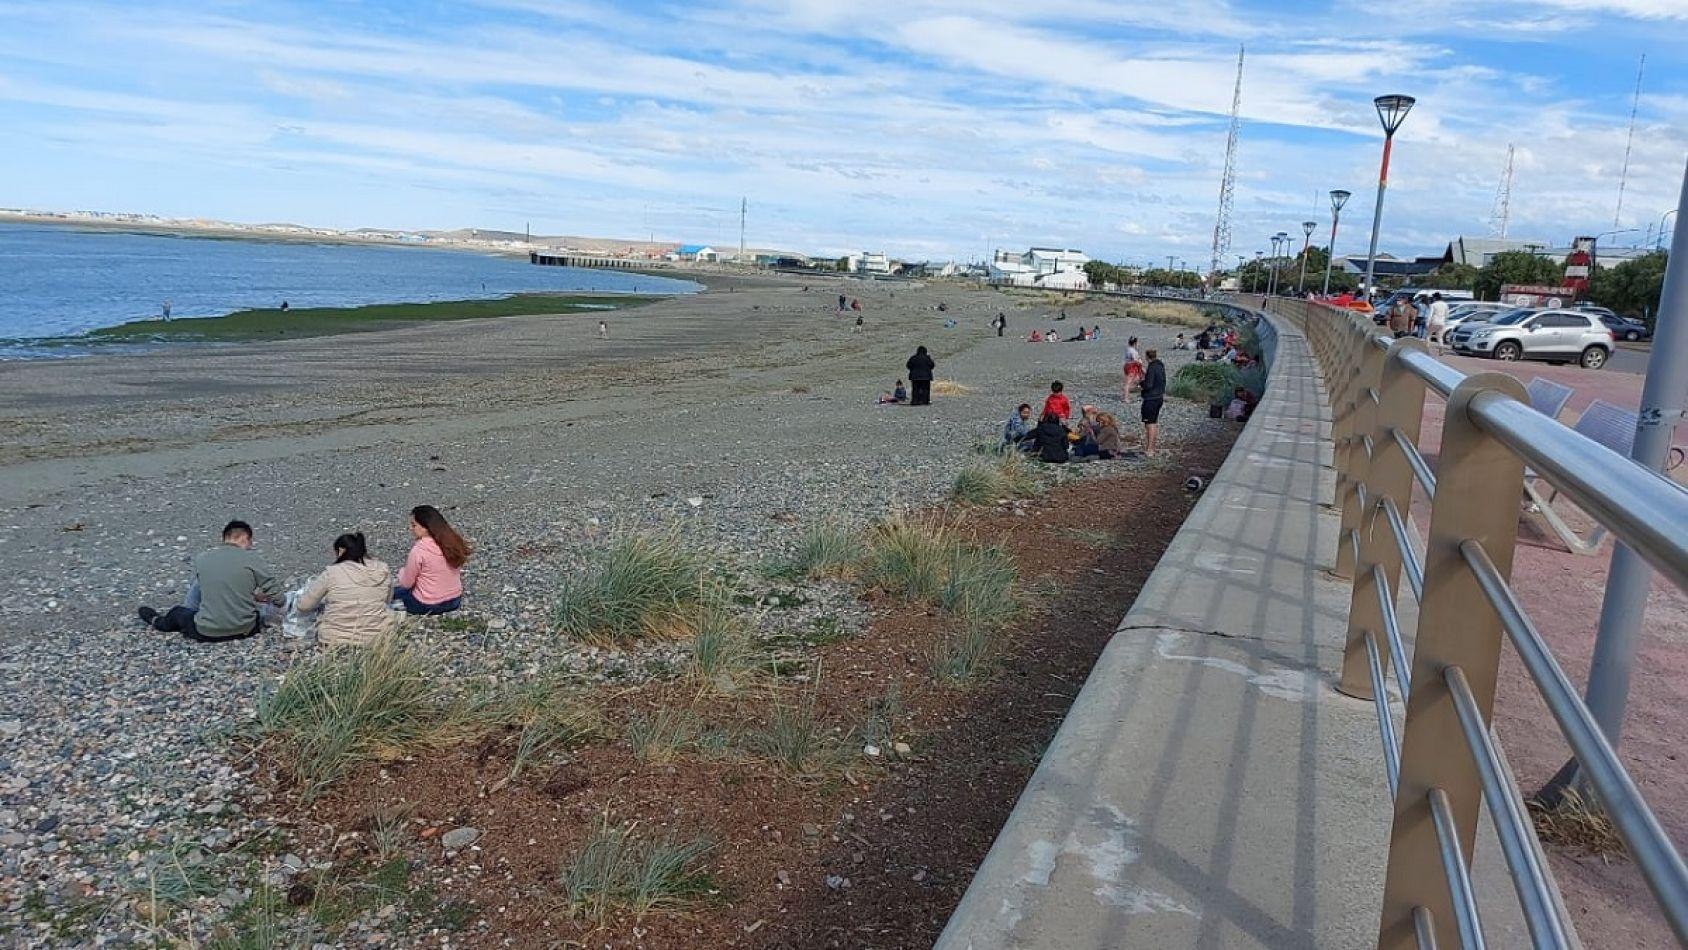 En las playas de Río Grande se vieron familias y grupos de jóvenes disfrutando del sol.